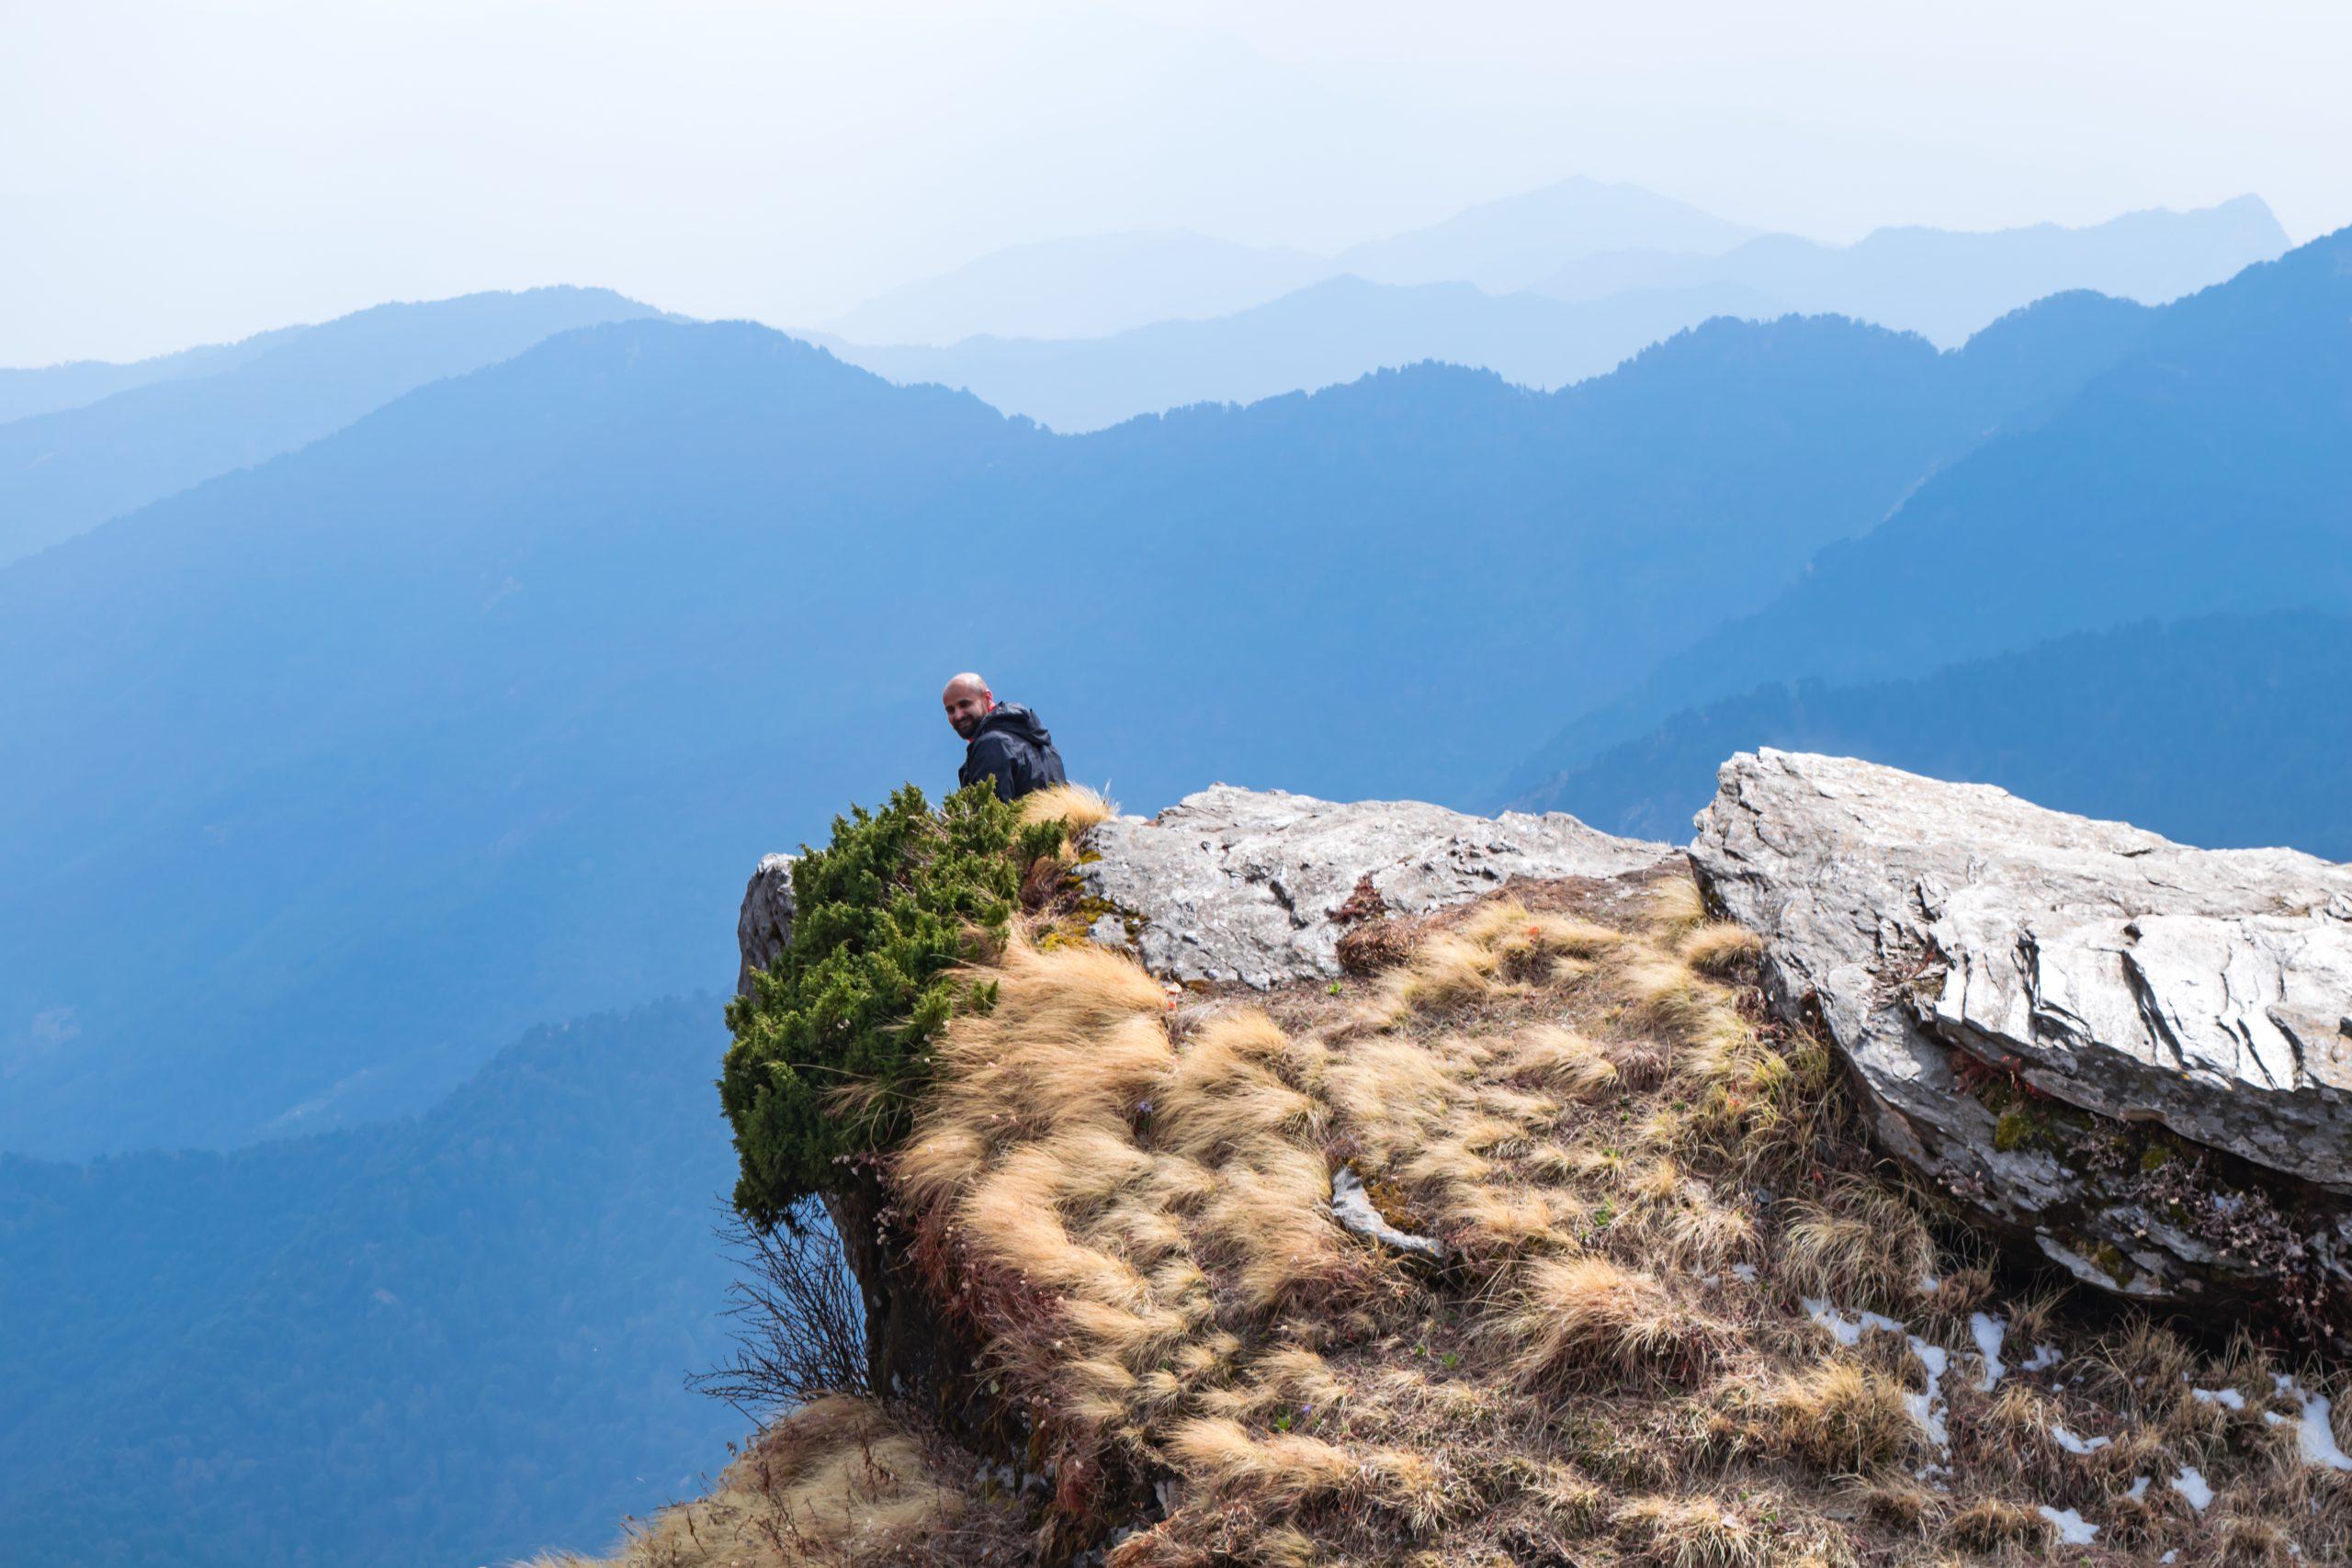 man sitting on edge of a mountain